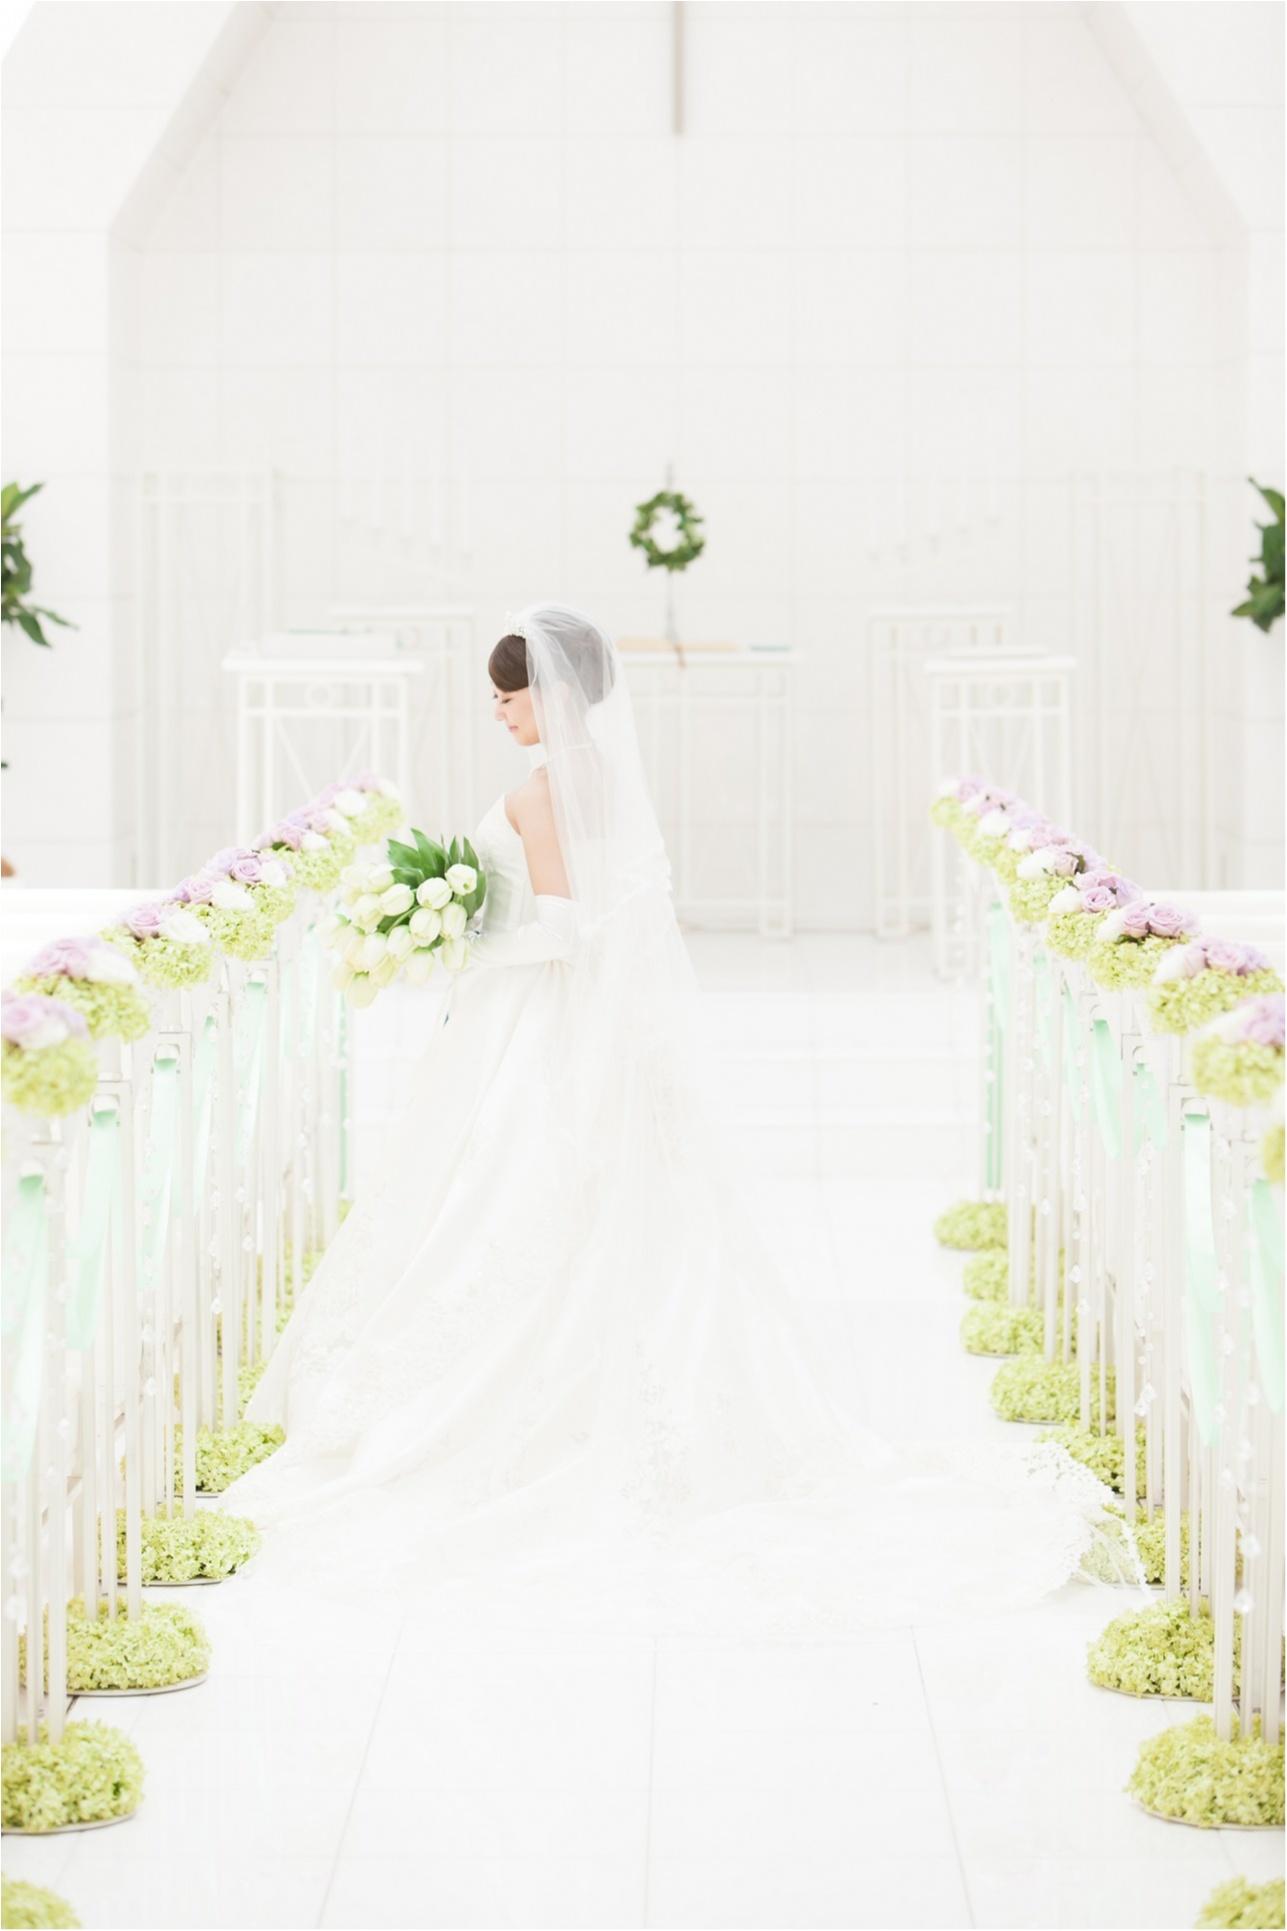 結婚式は「自分の好きな花」を手に持ちヴァージンロードを歩きたい!#さち婚_3